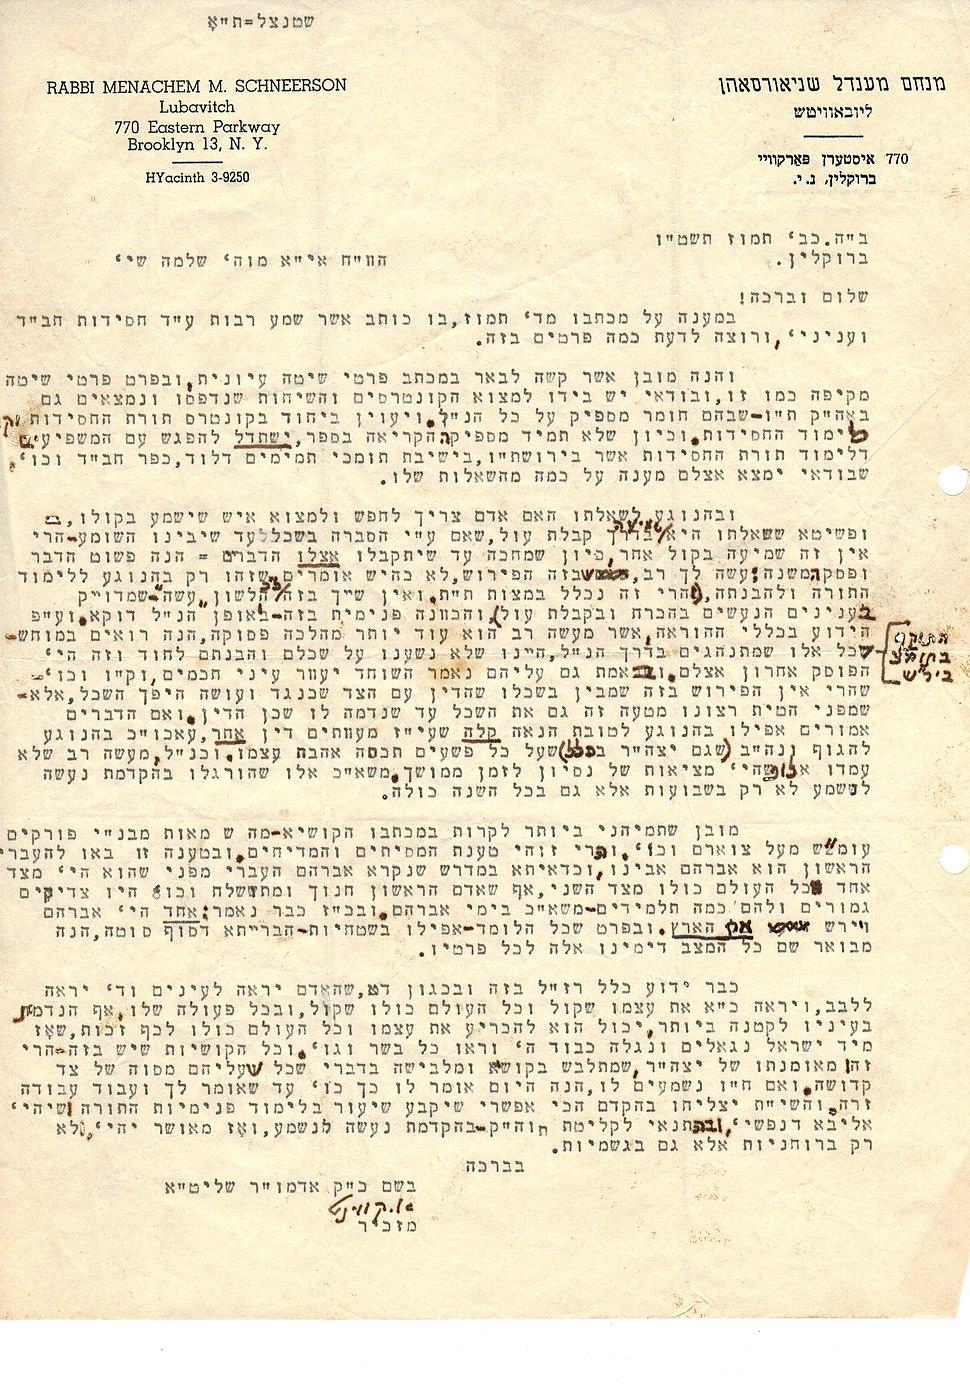 """מכתב הרבי מליובאוויטש אל הרב שלמה שטנצל זצ""""ל"""